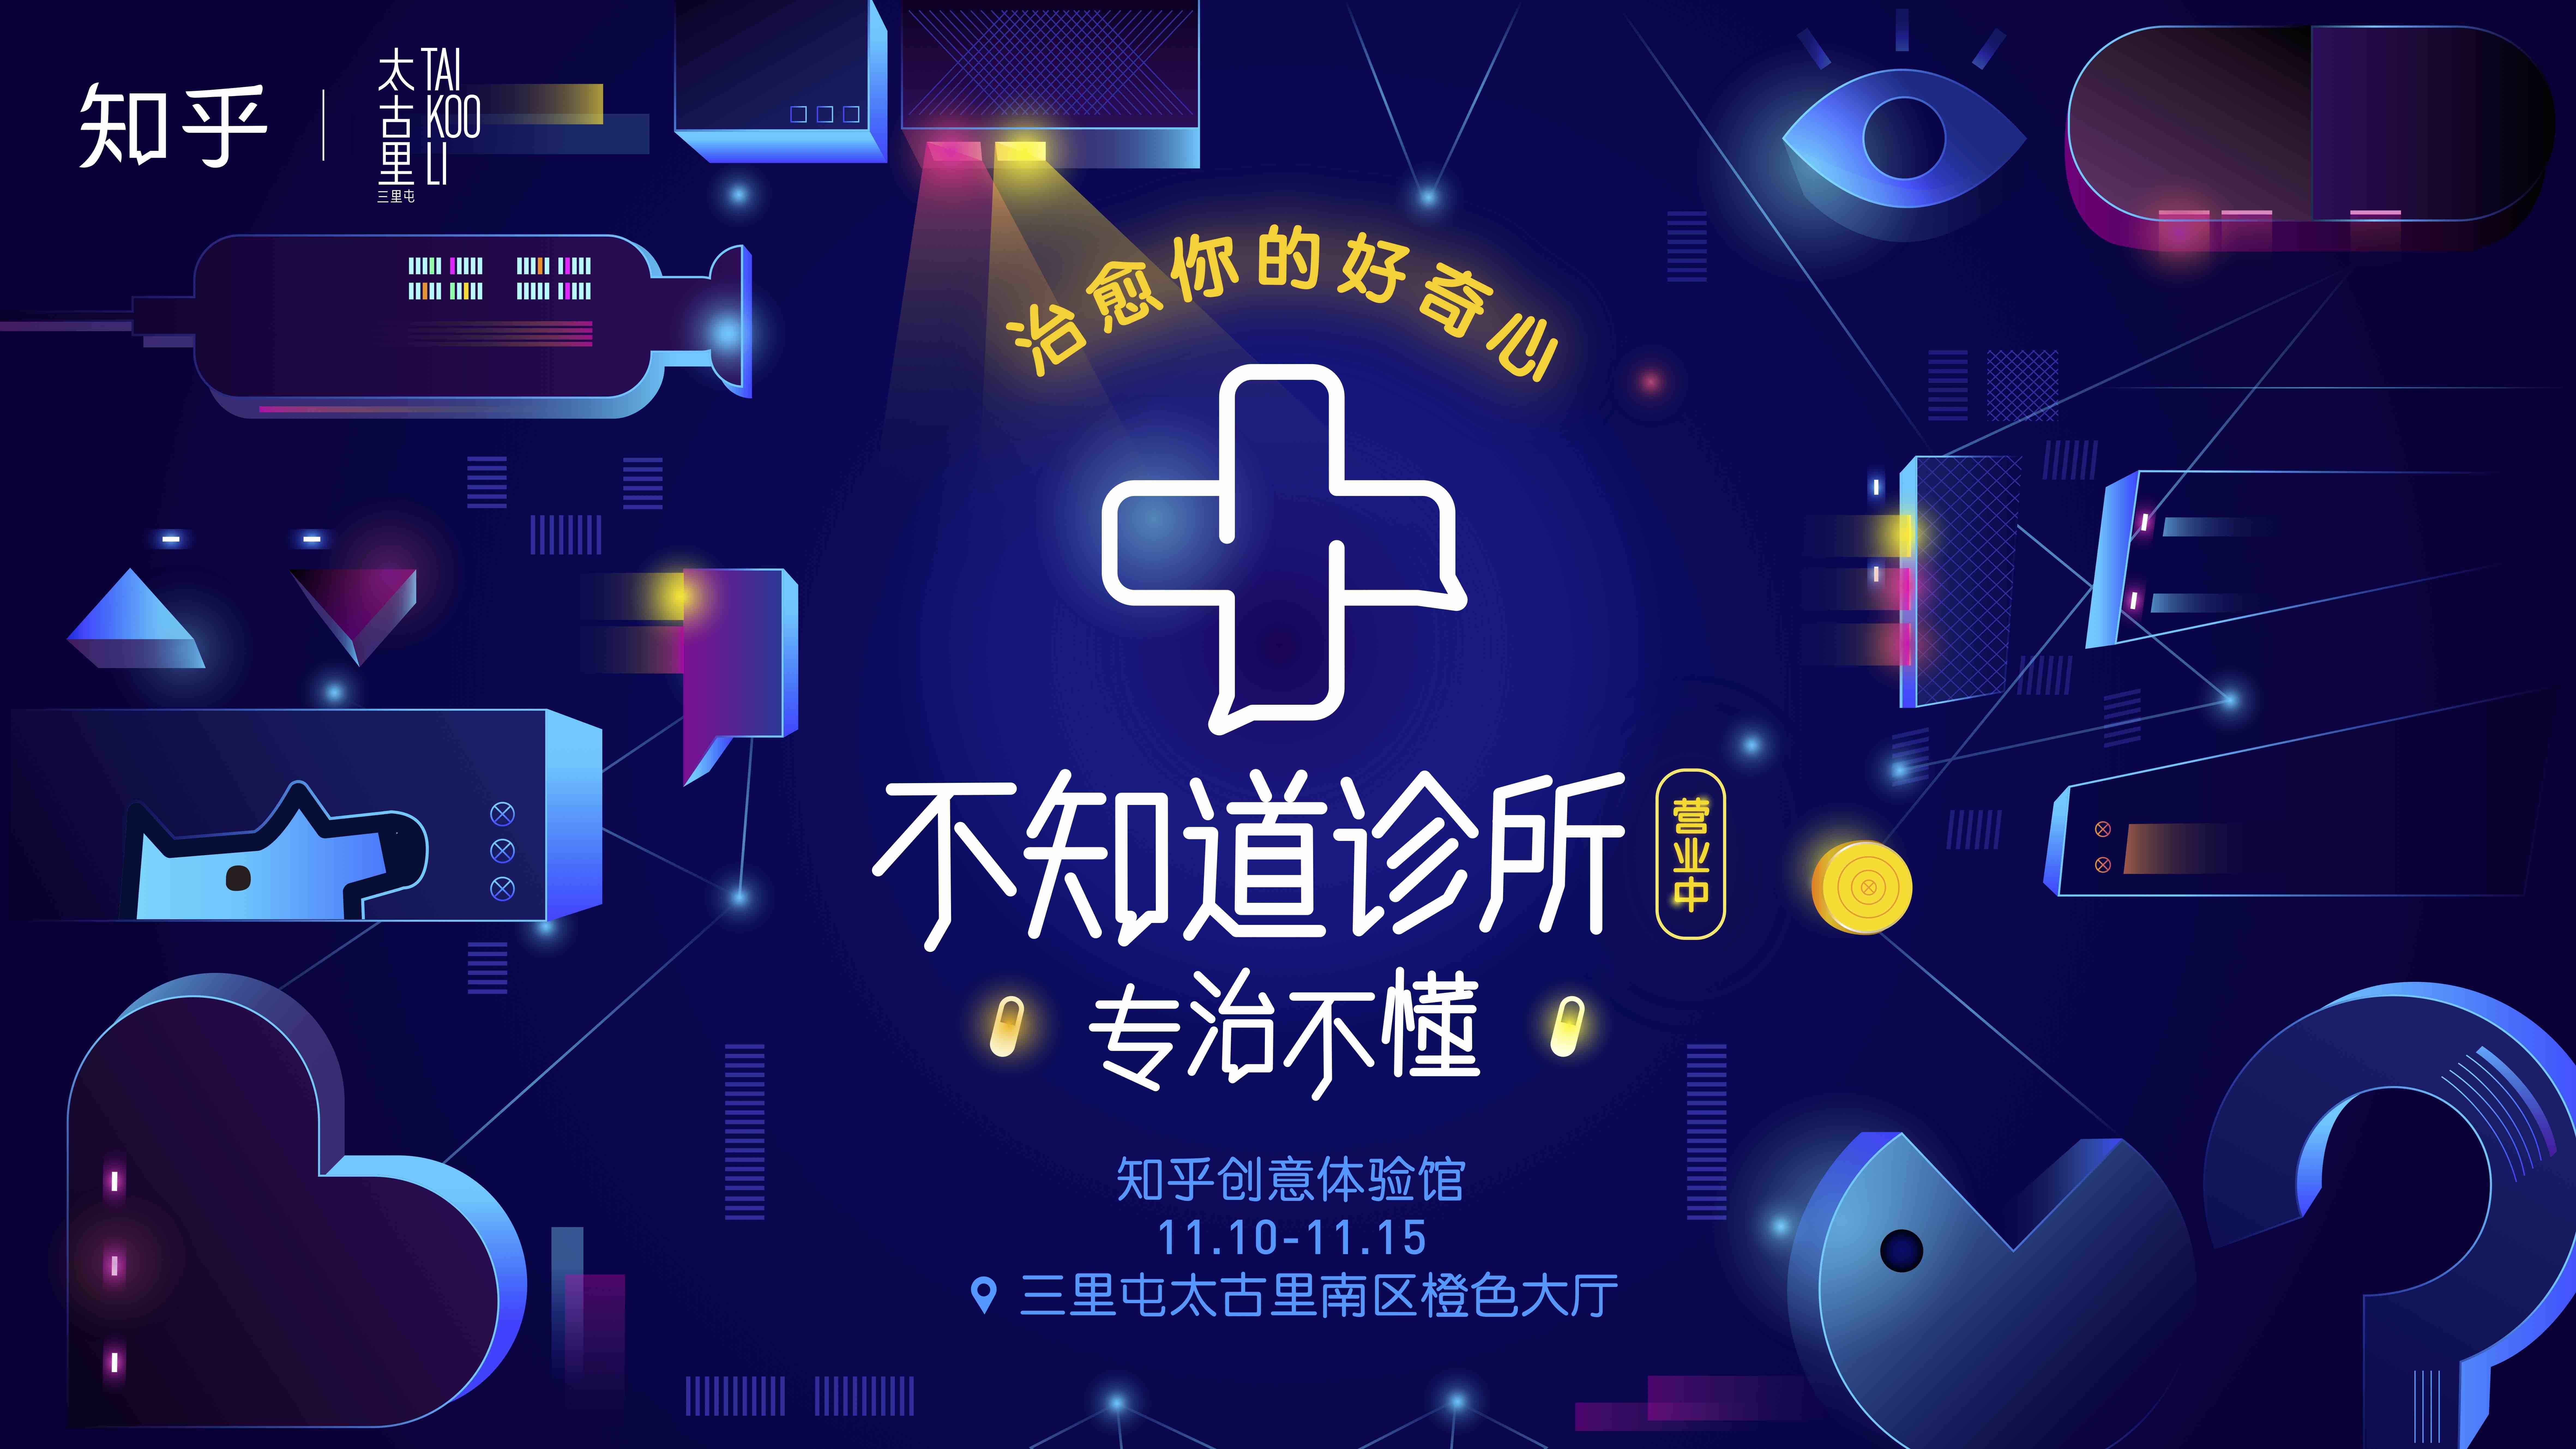 2018_cn_2018_307_hero_1